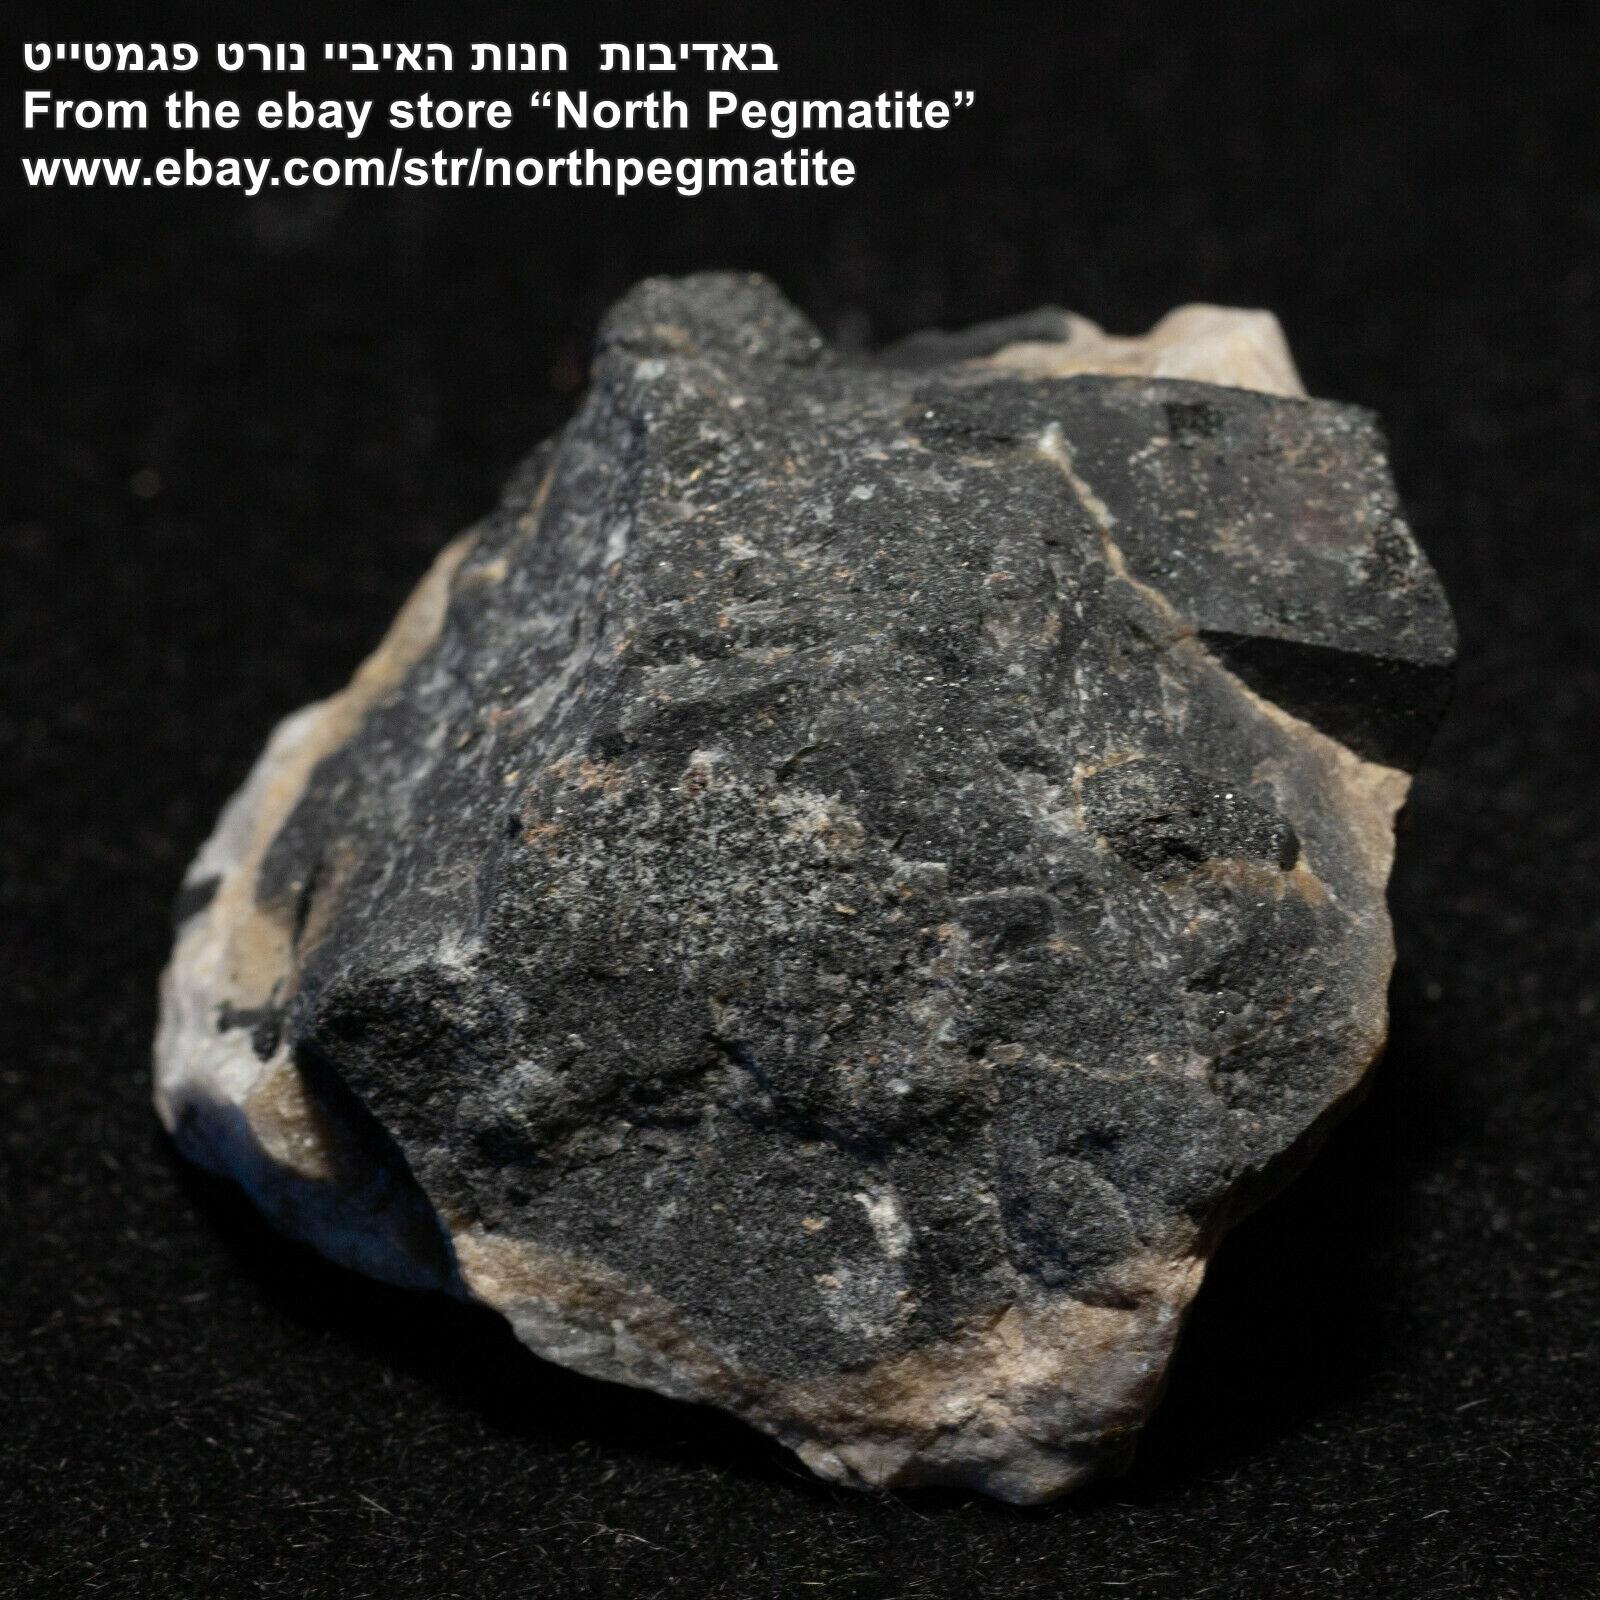 """ארפוודסונייט גולמית על מצע סלע. באדיבות  חנות האיביי """"נורט פגמטייט"""" From the ebay store """"North Pegmatite""""  www.ebay.com/str/northpegmatite"""